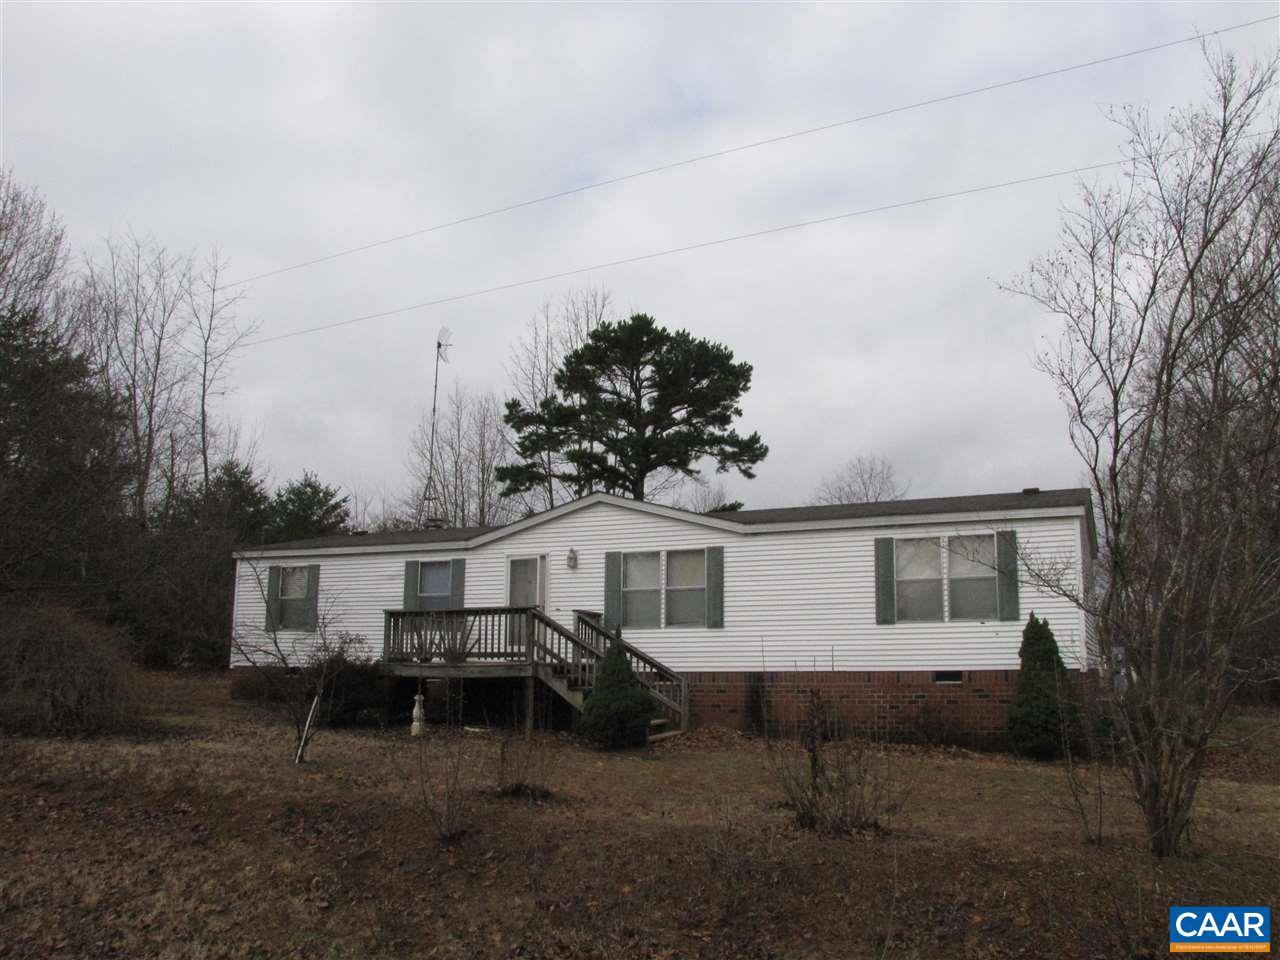 389 GOUGH TOWN RD, SCOTTSVILLE, VA 24590